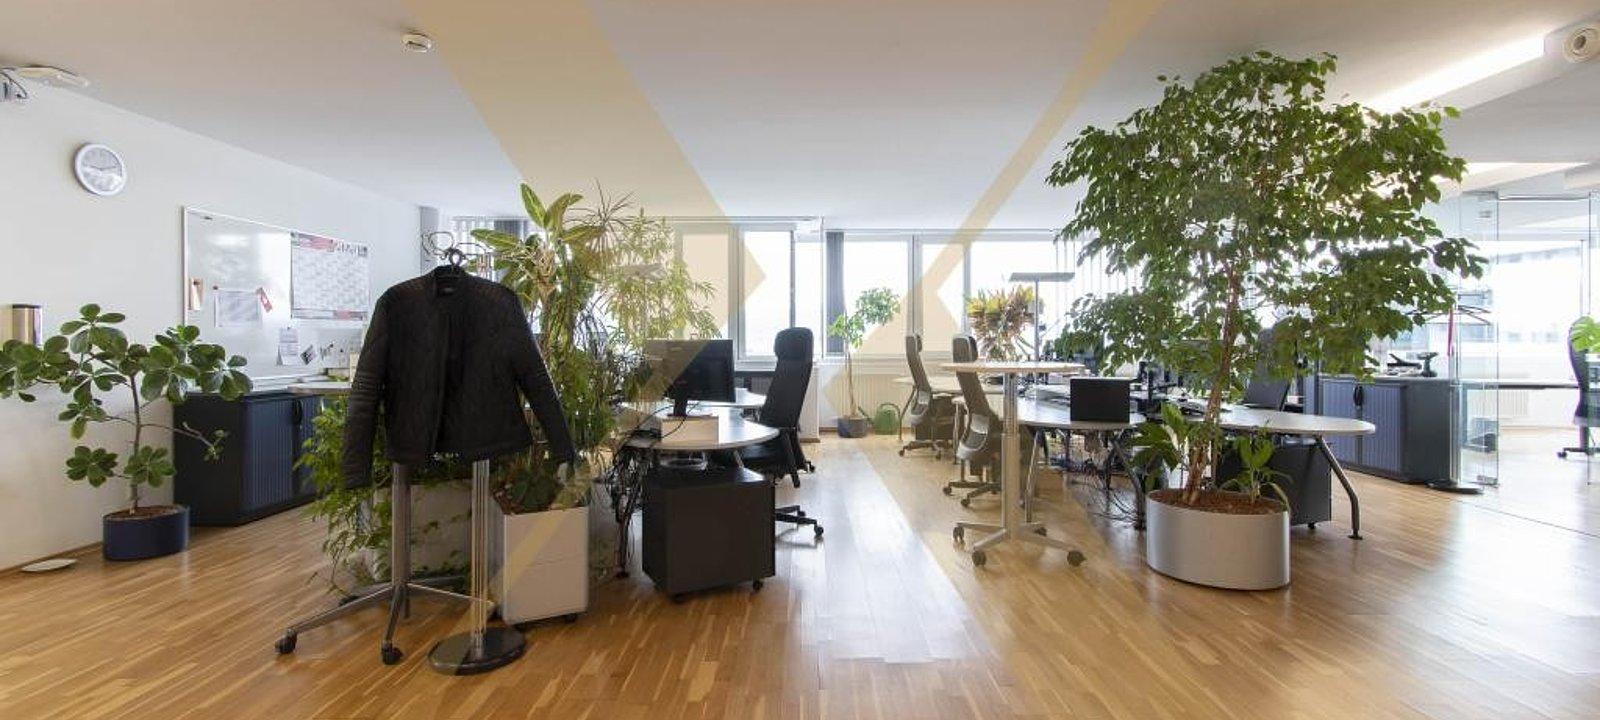 Großraumbüro u. Empfangsbereich